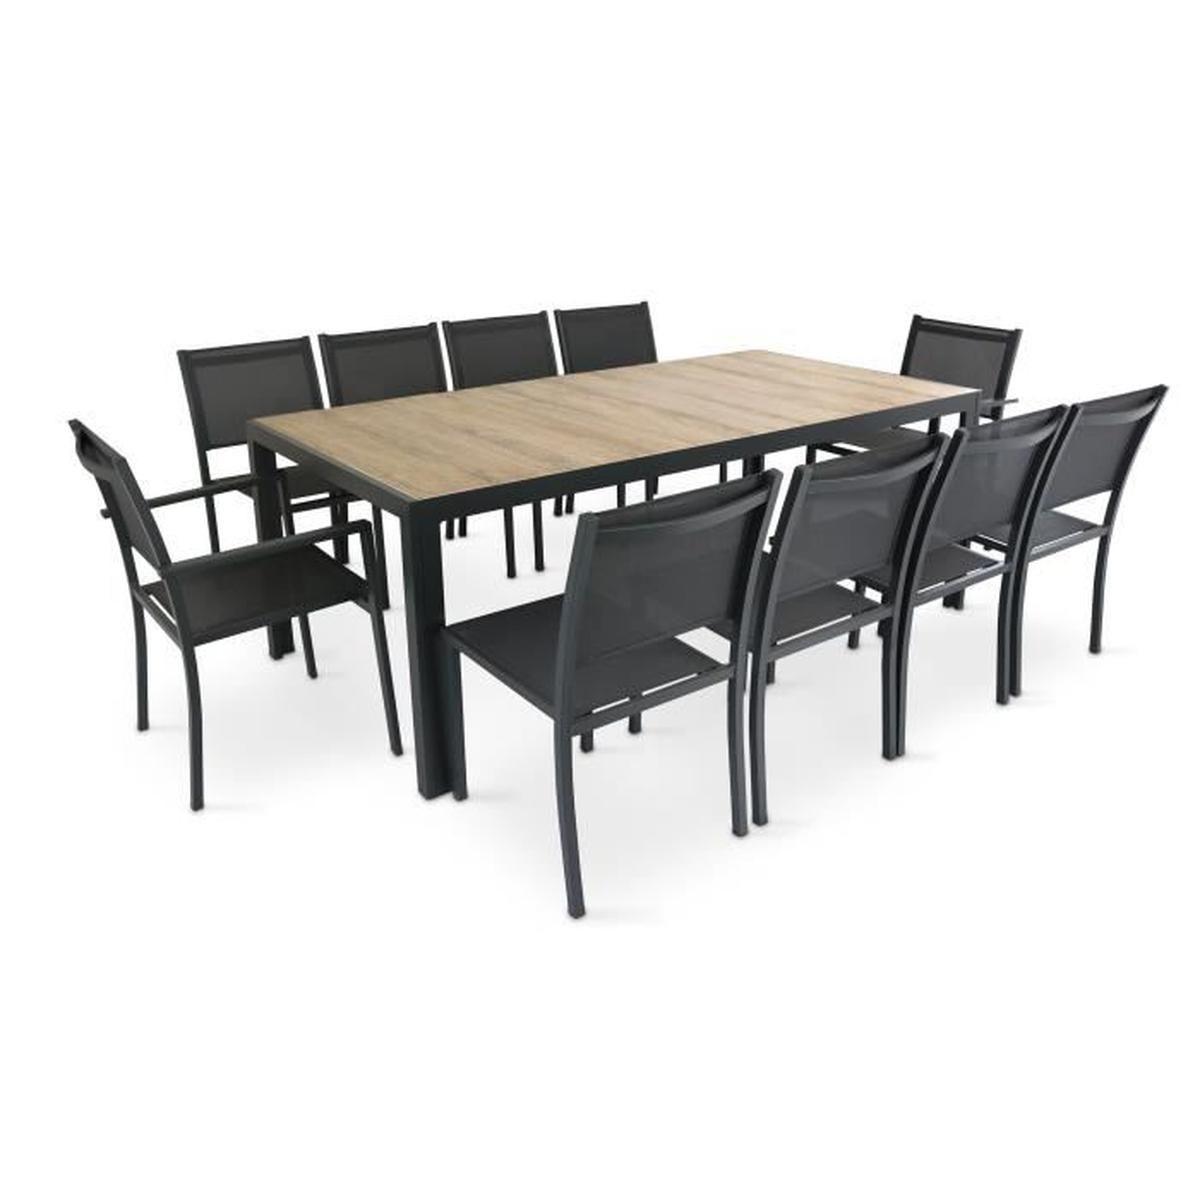 Table De Jardin 10 Places Aluminium Et Céramique - Ensemble ... intérieur Table Jardin Cdiscount